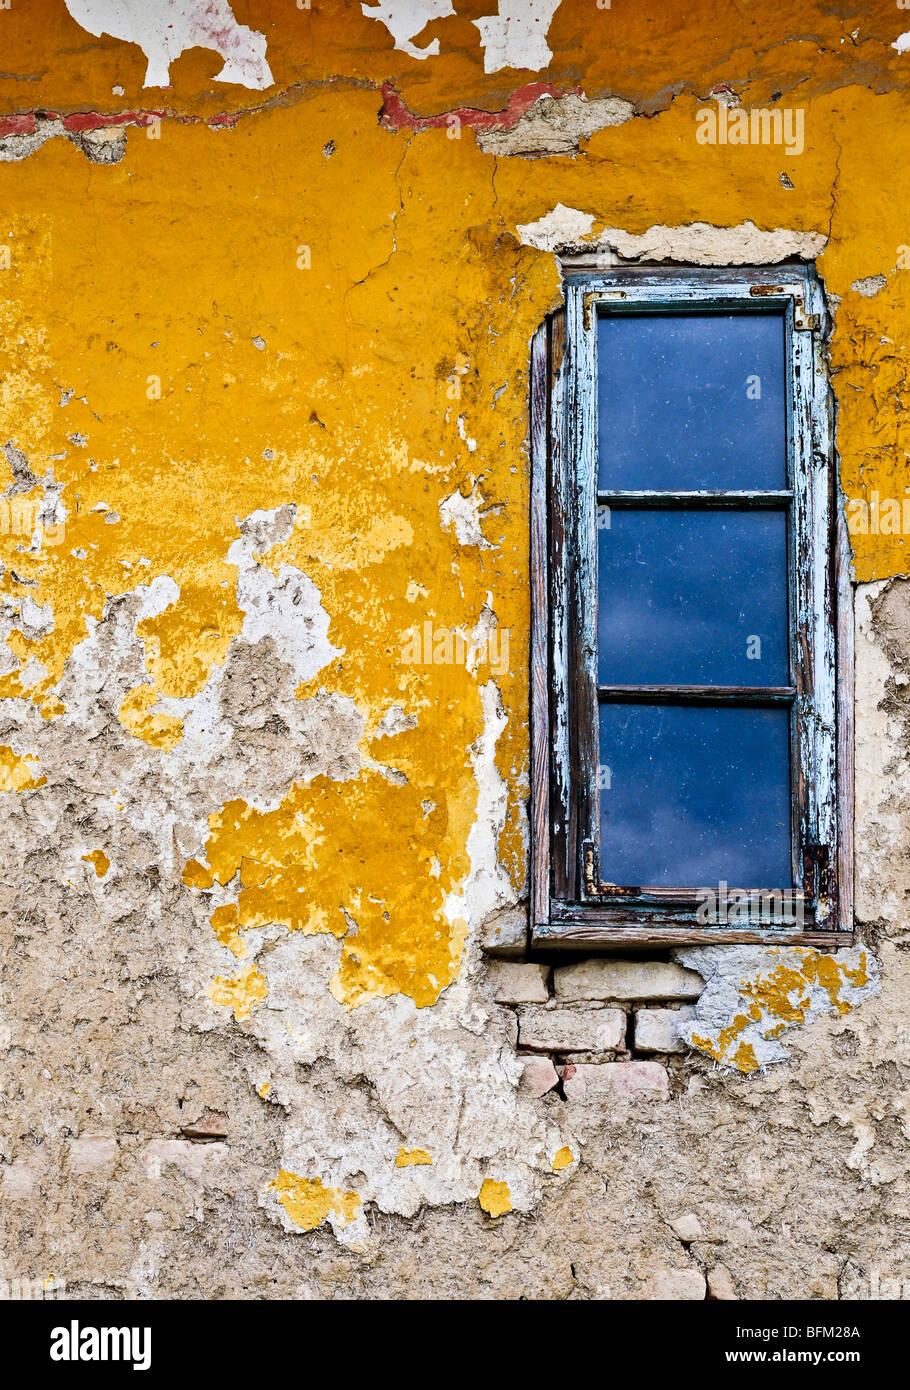 Viejas paredes y ventanas pintadas erosionados por el grunge antecedentes Imagen De Stock